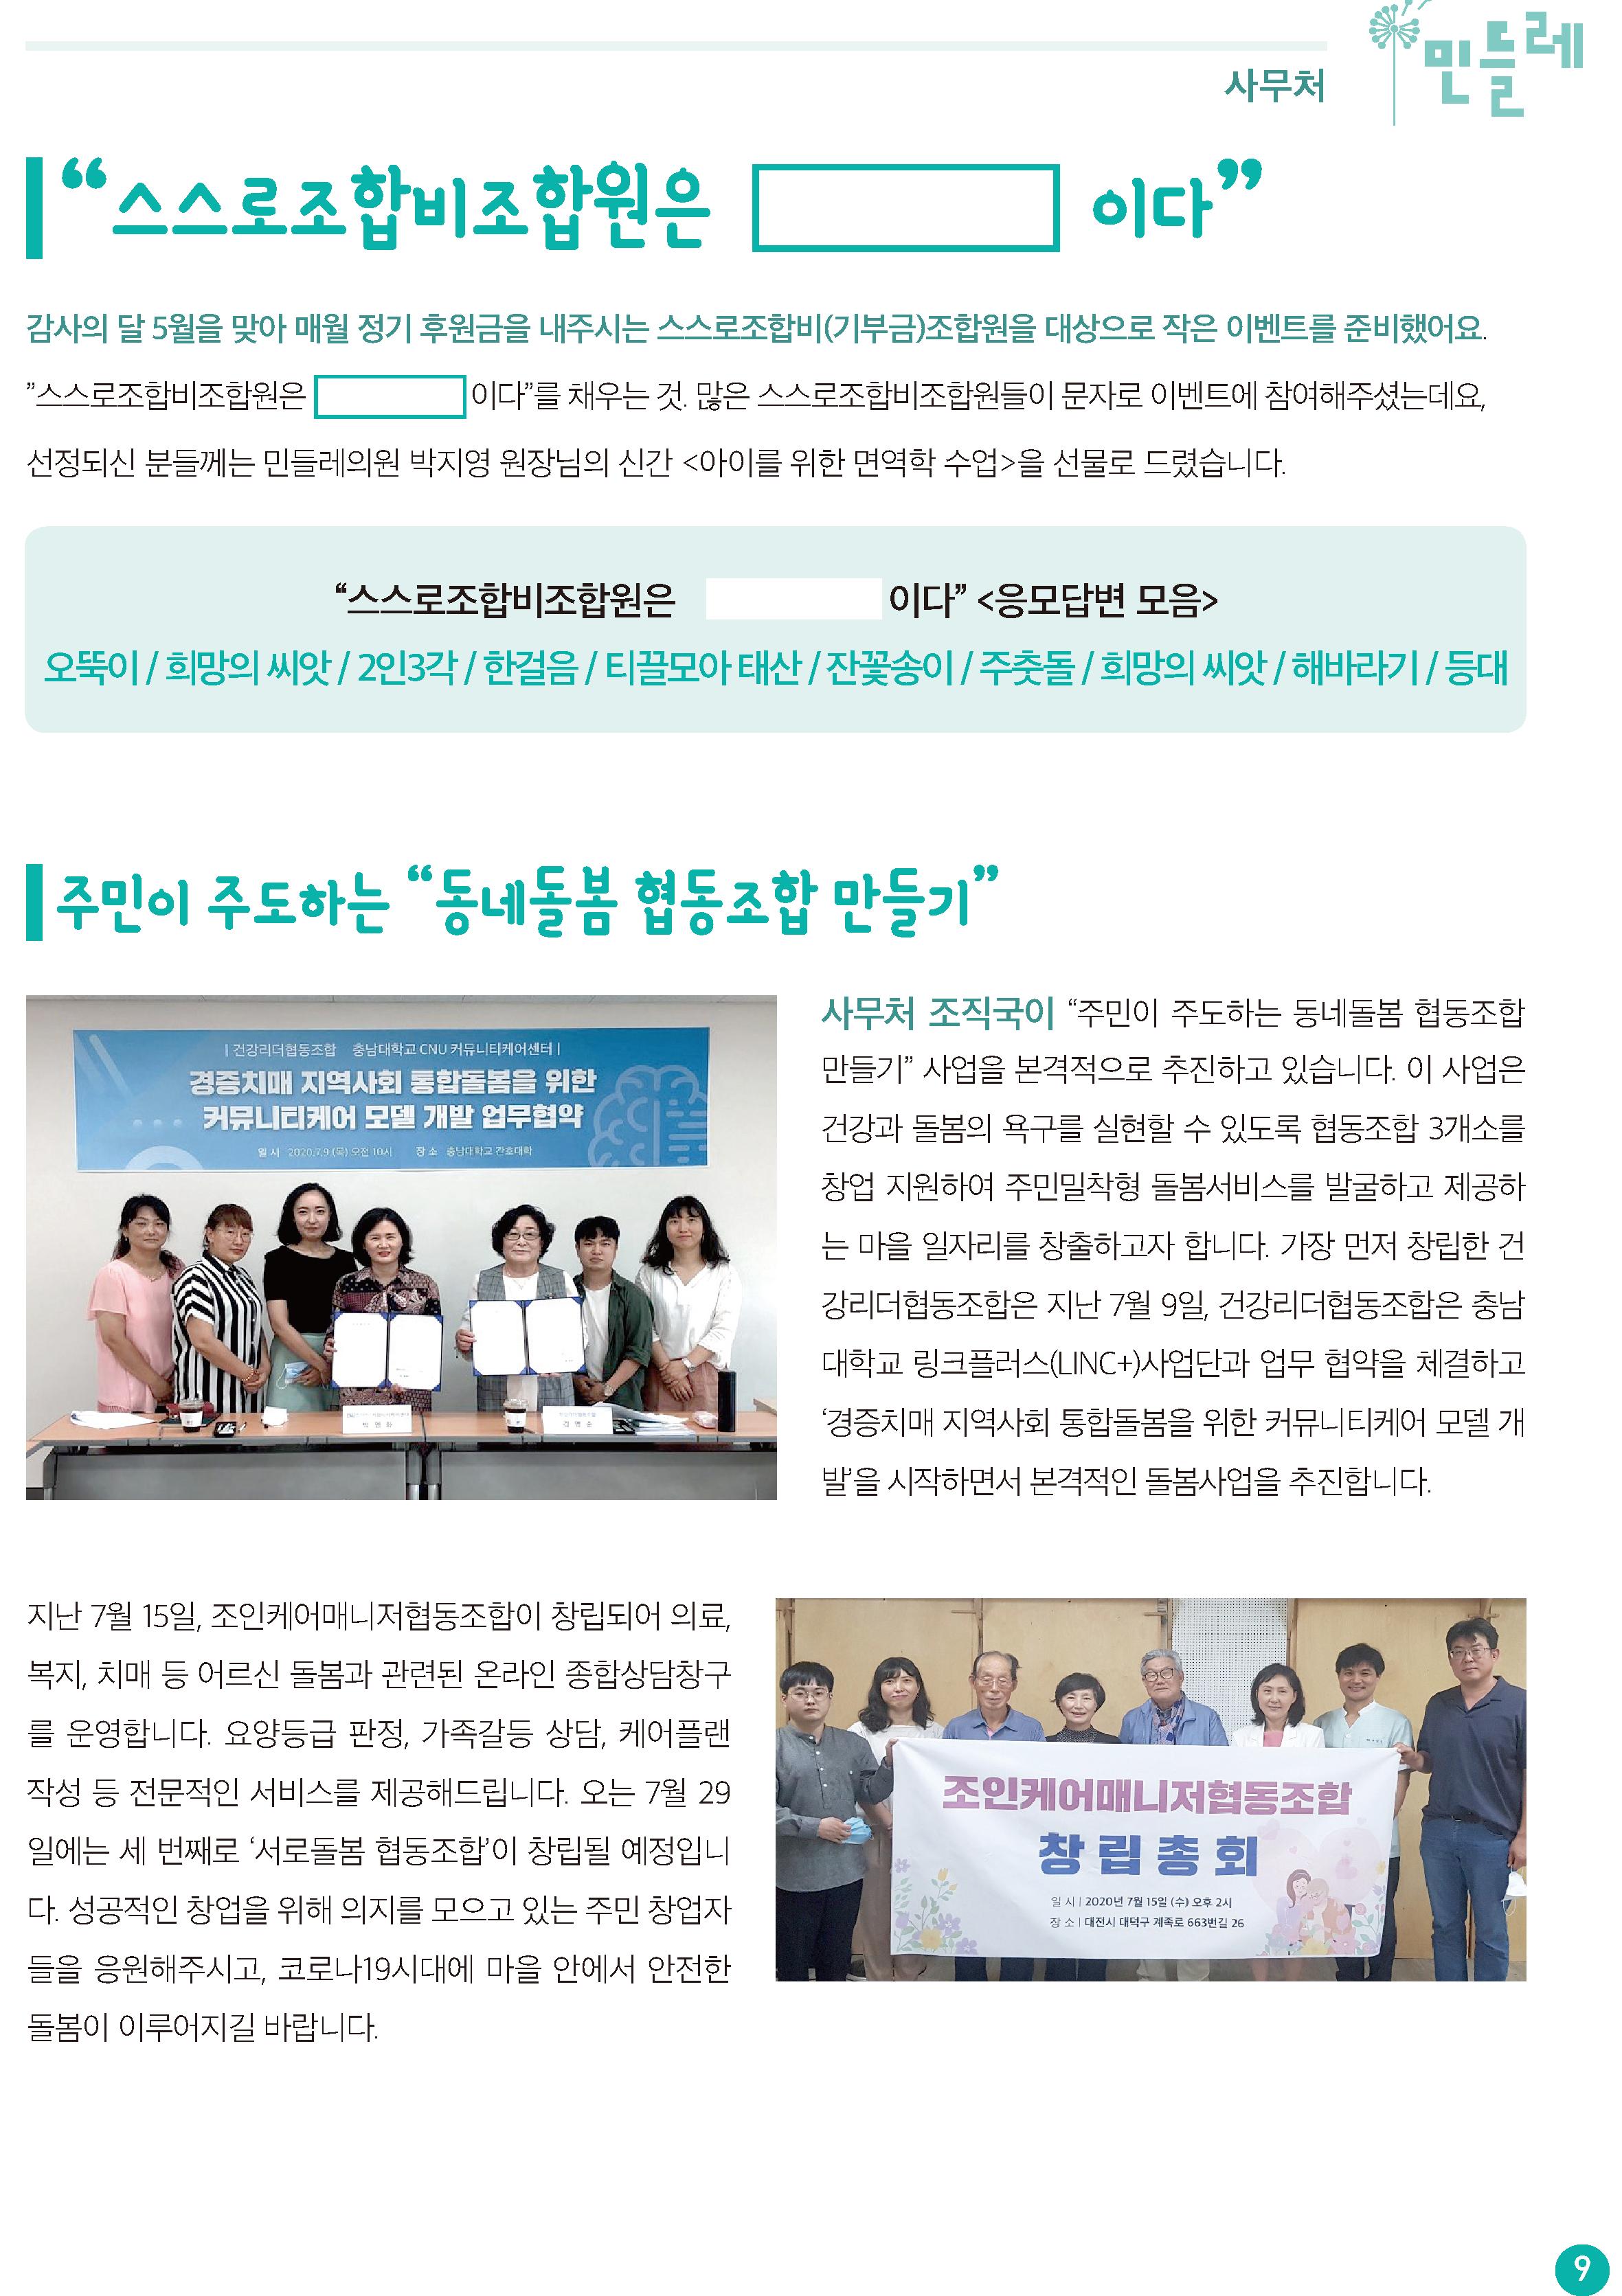 민들레 소식지8월호 시안(최종)-9.png